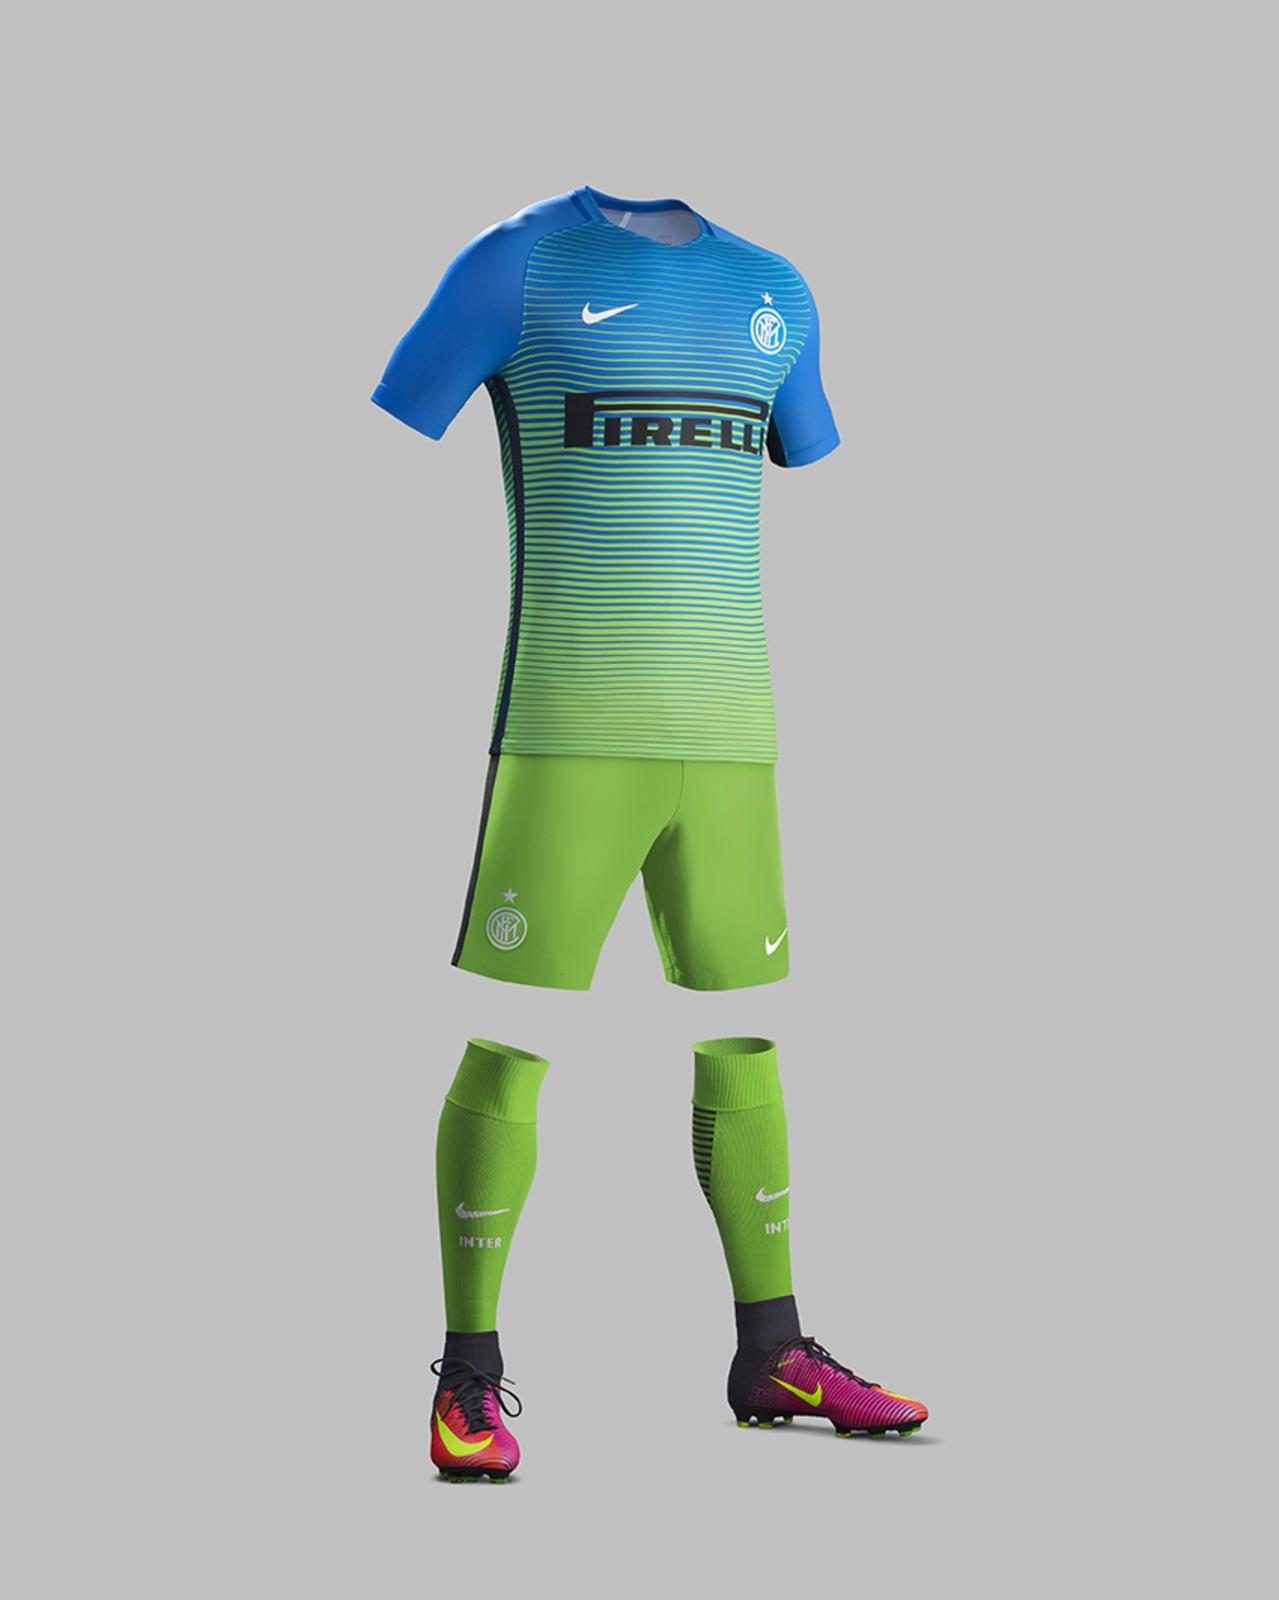 73085e99a2e9a Terceira camisa da Inter de Milão 2016-2017 Nike kit